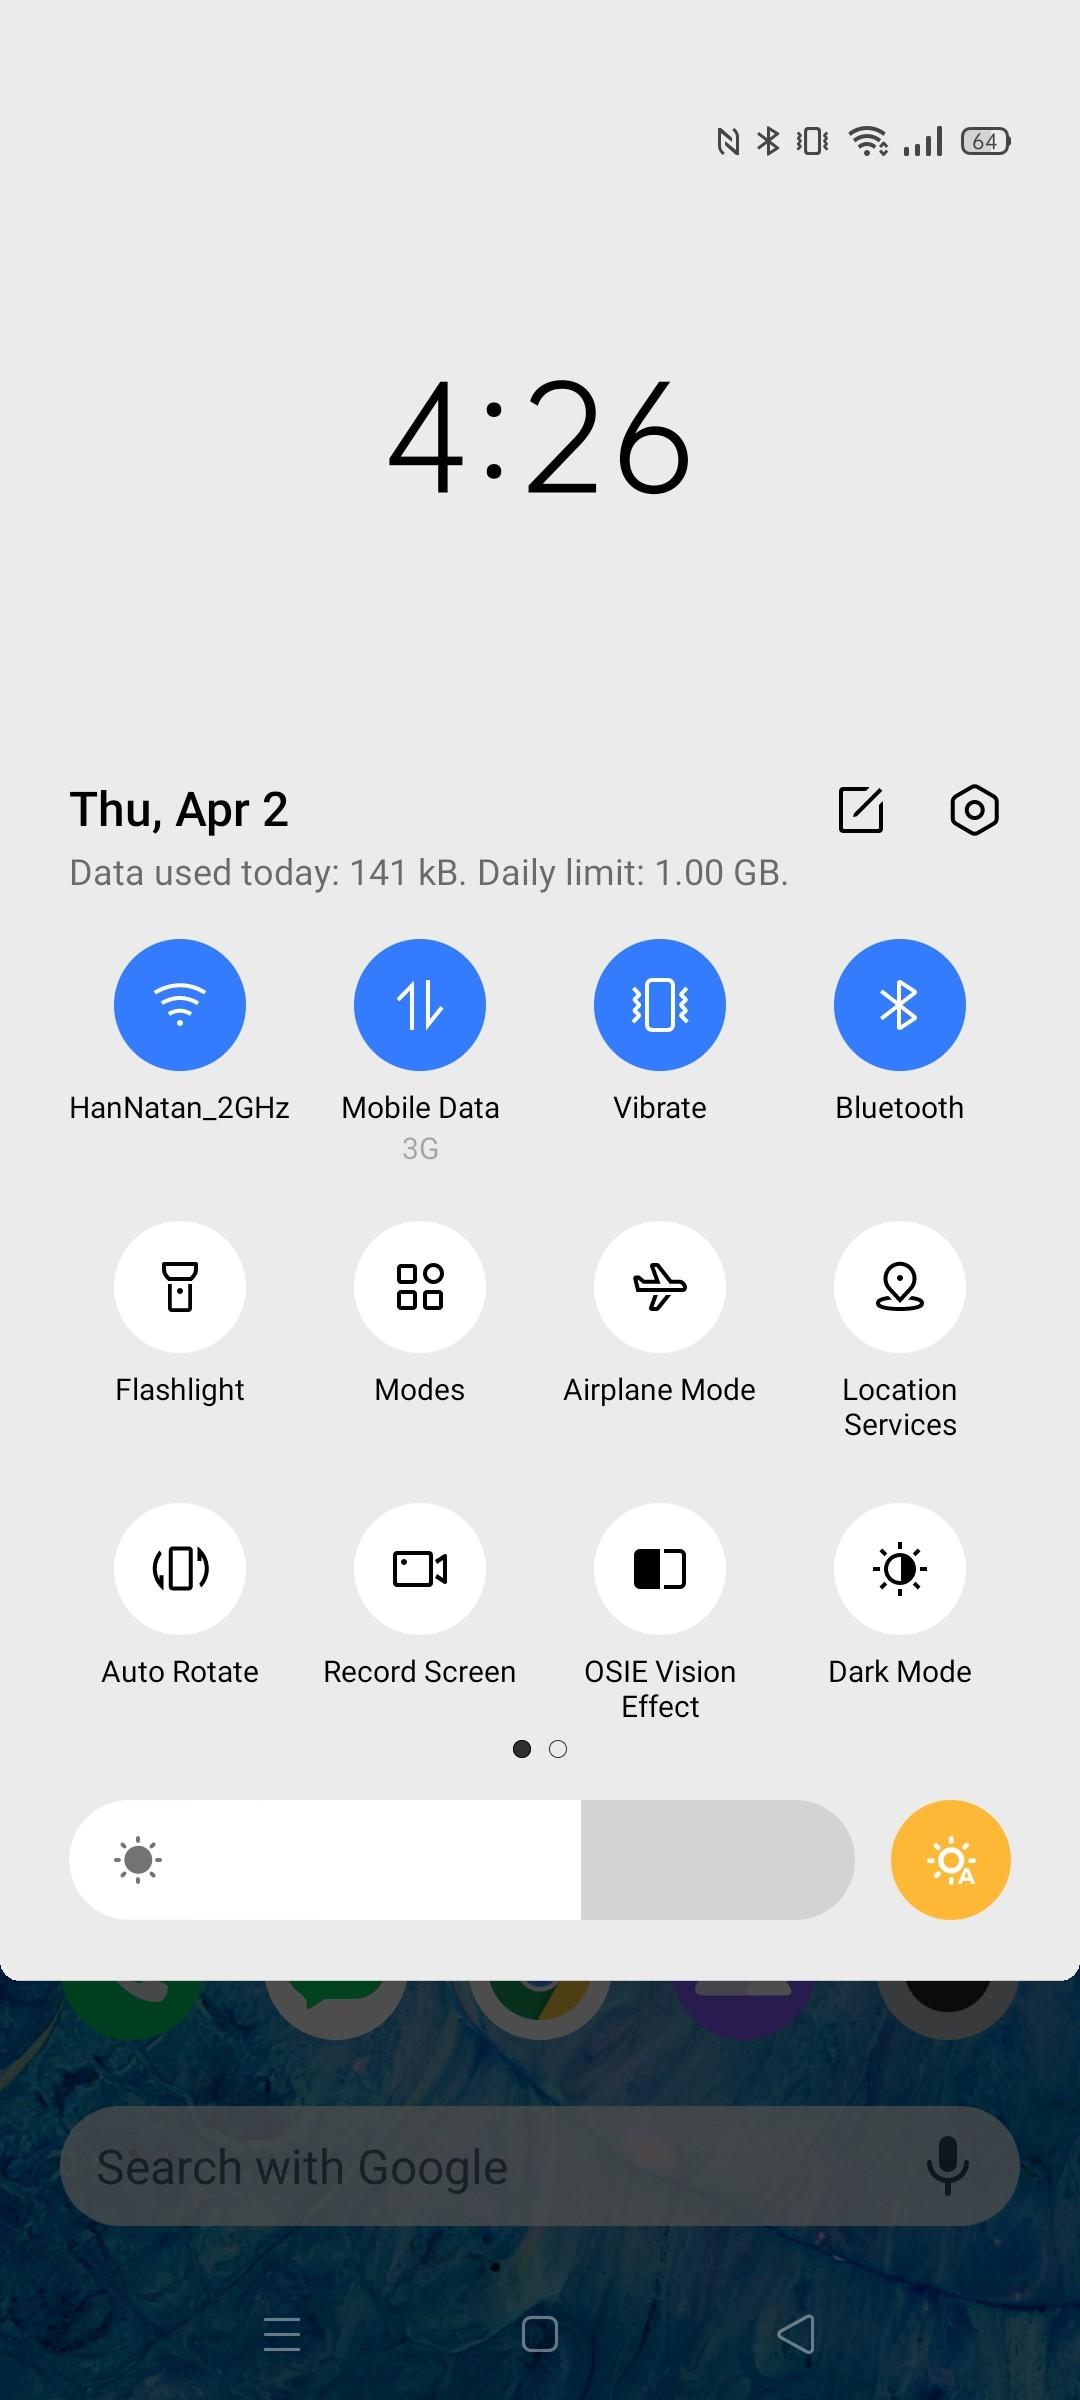 روکیدا - بررسی کامل و تخصصی گوشی ریلمی 6 پرو: تا خرخره مسلح! - ریلمی, قیمت گوشی ریلمی 6 پرو, نقد و بررسی گوشی موبایل, گوشی Reale 6 Pro, گوشی ریلمی 6 پرو, گوشی های هوشمند